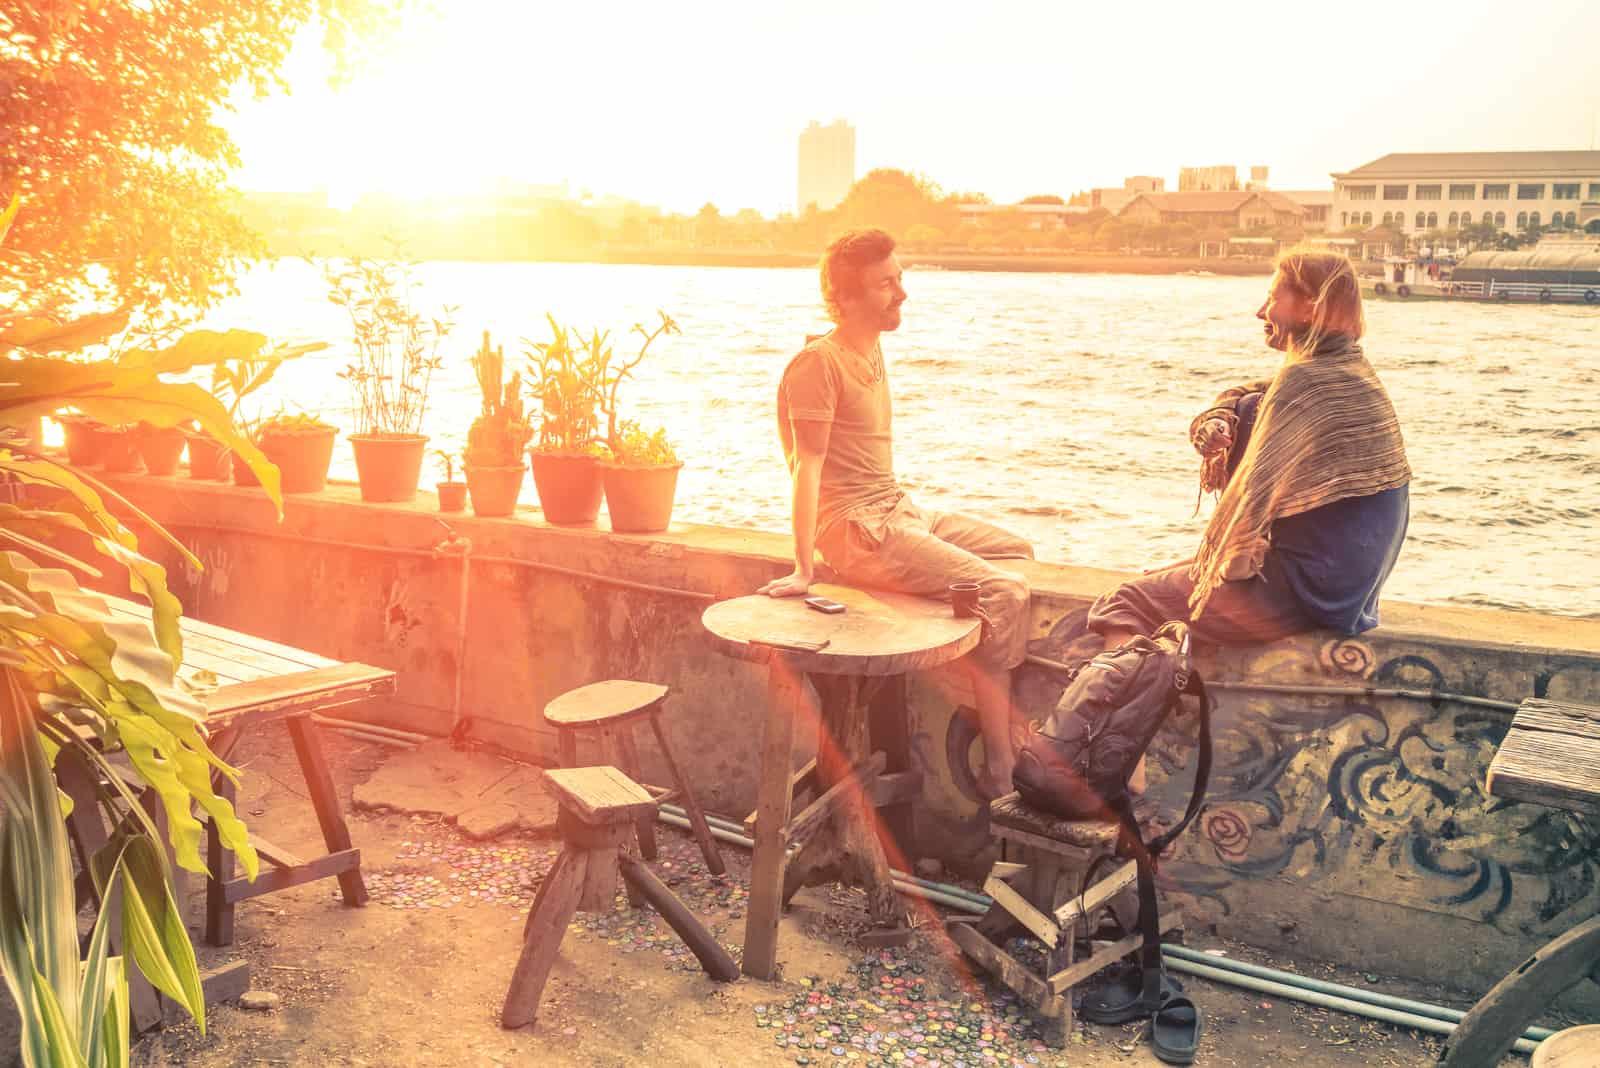 un homme et une femme sont assis sur un mur au bord de la mer et rient